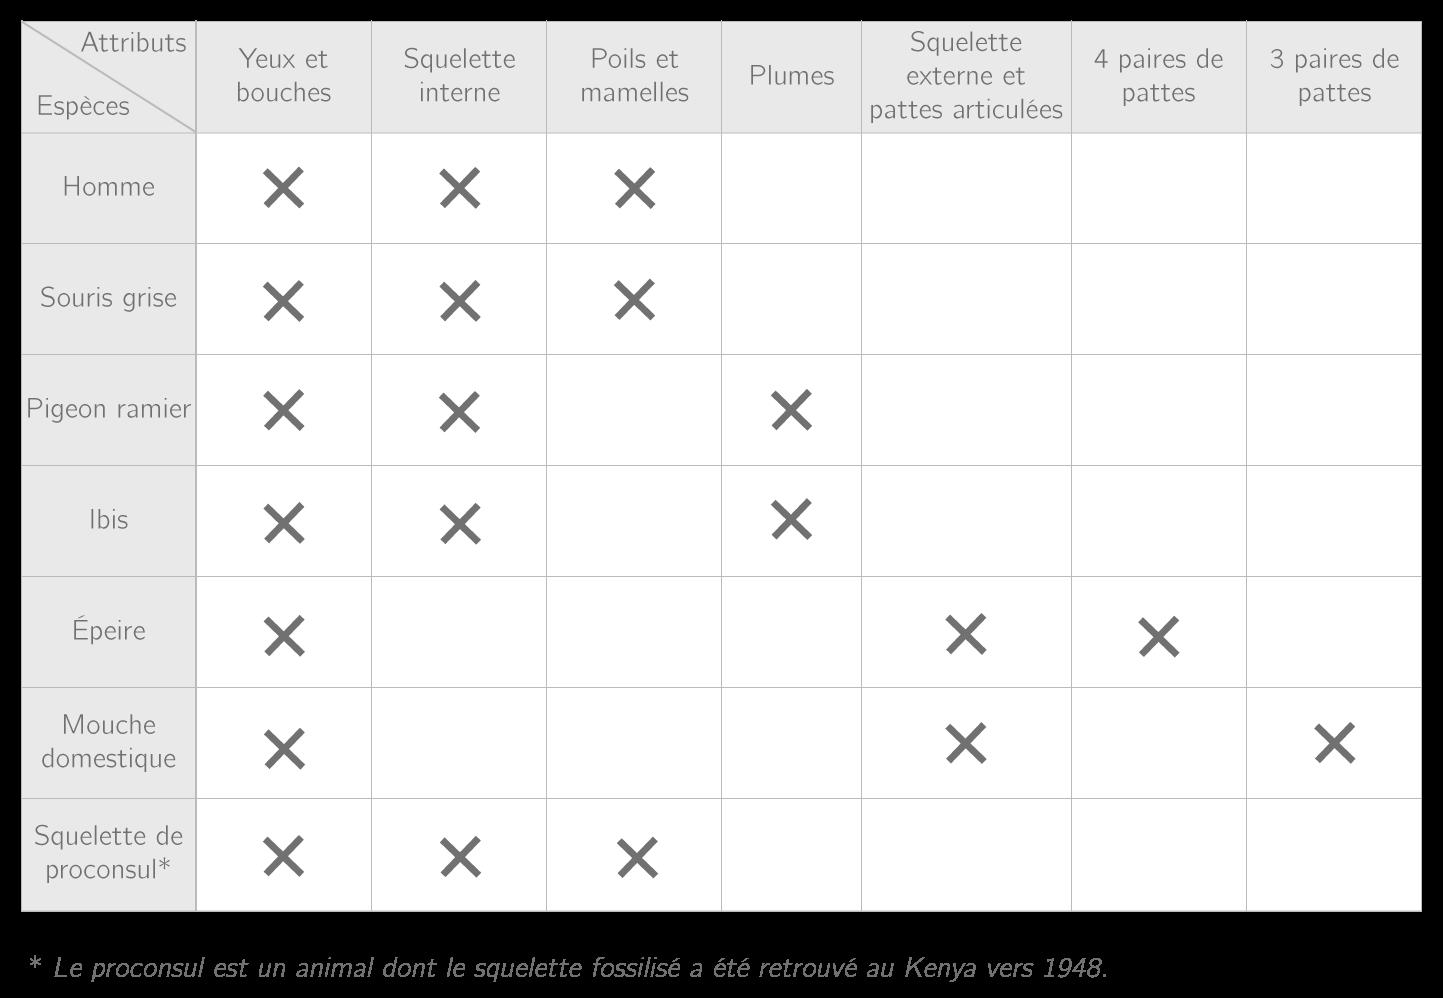 Tableau présentant les attributs des animaux étudiés